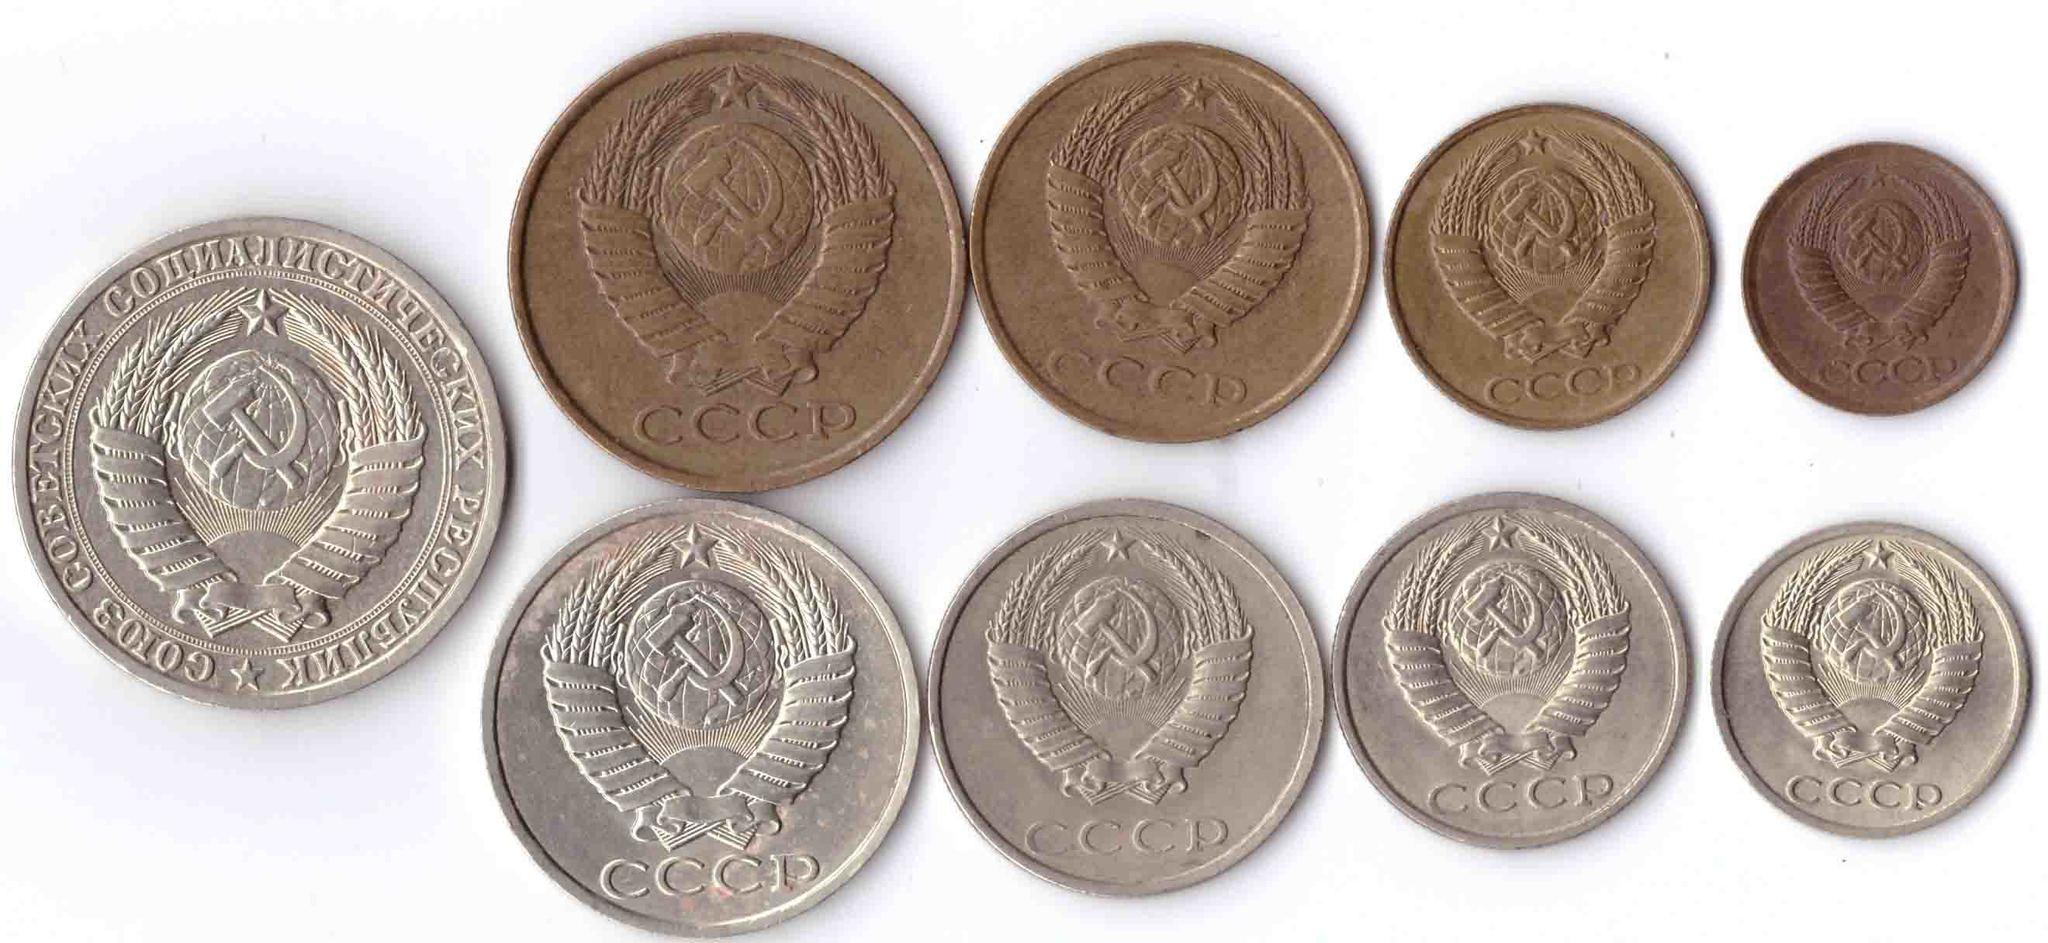 Годовой набор СССР 1990 год. 1, 2, 3, 5, 10, 15, 20, 50 копеек, 1 рубль (9 монет)